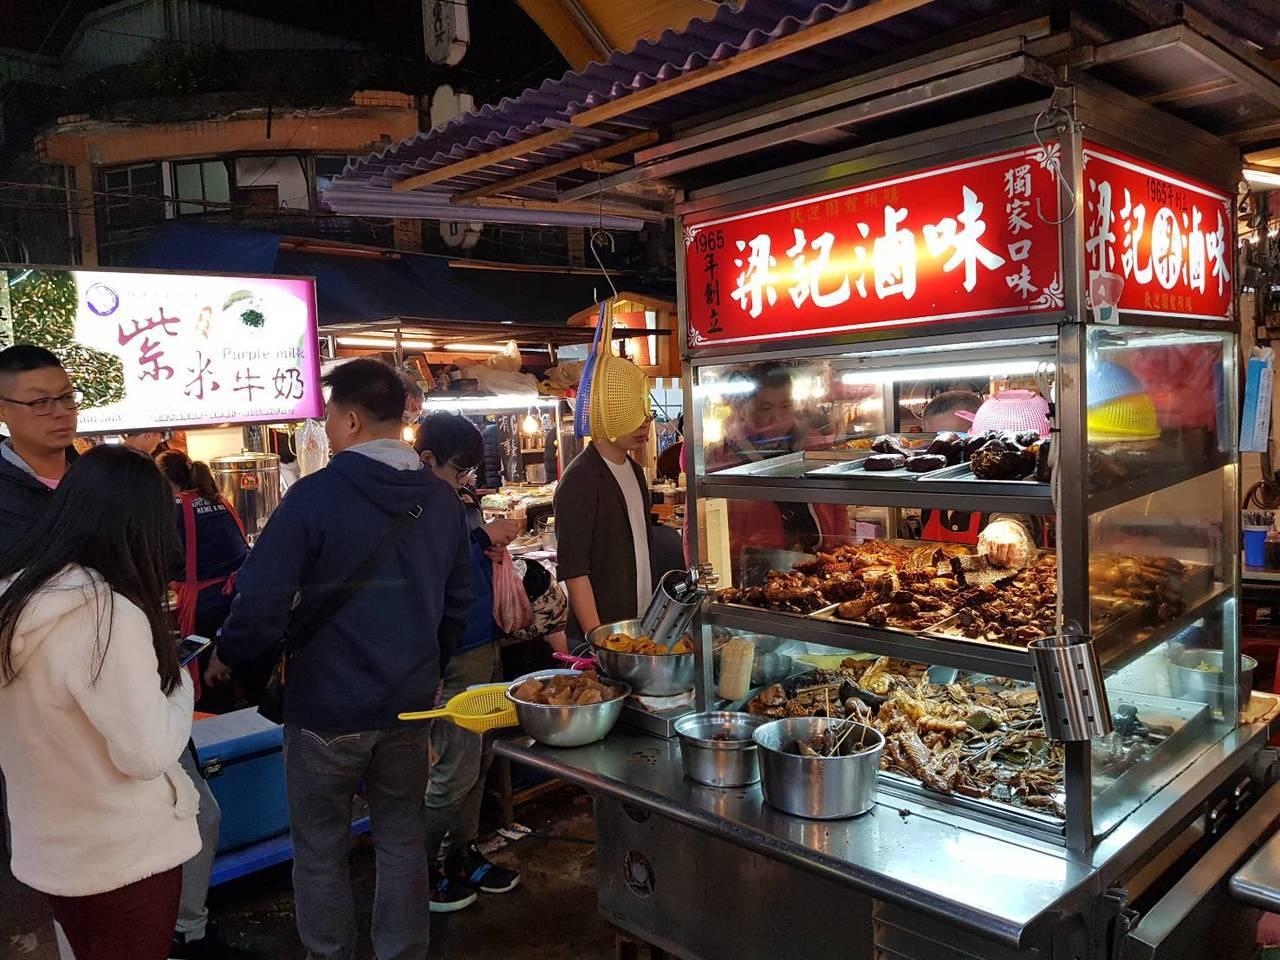 Ghé thăm chợ đêm Linjiang để ăn đậu hủ thúi hiếm hoi lọt danh sách Michelin Guide nhé